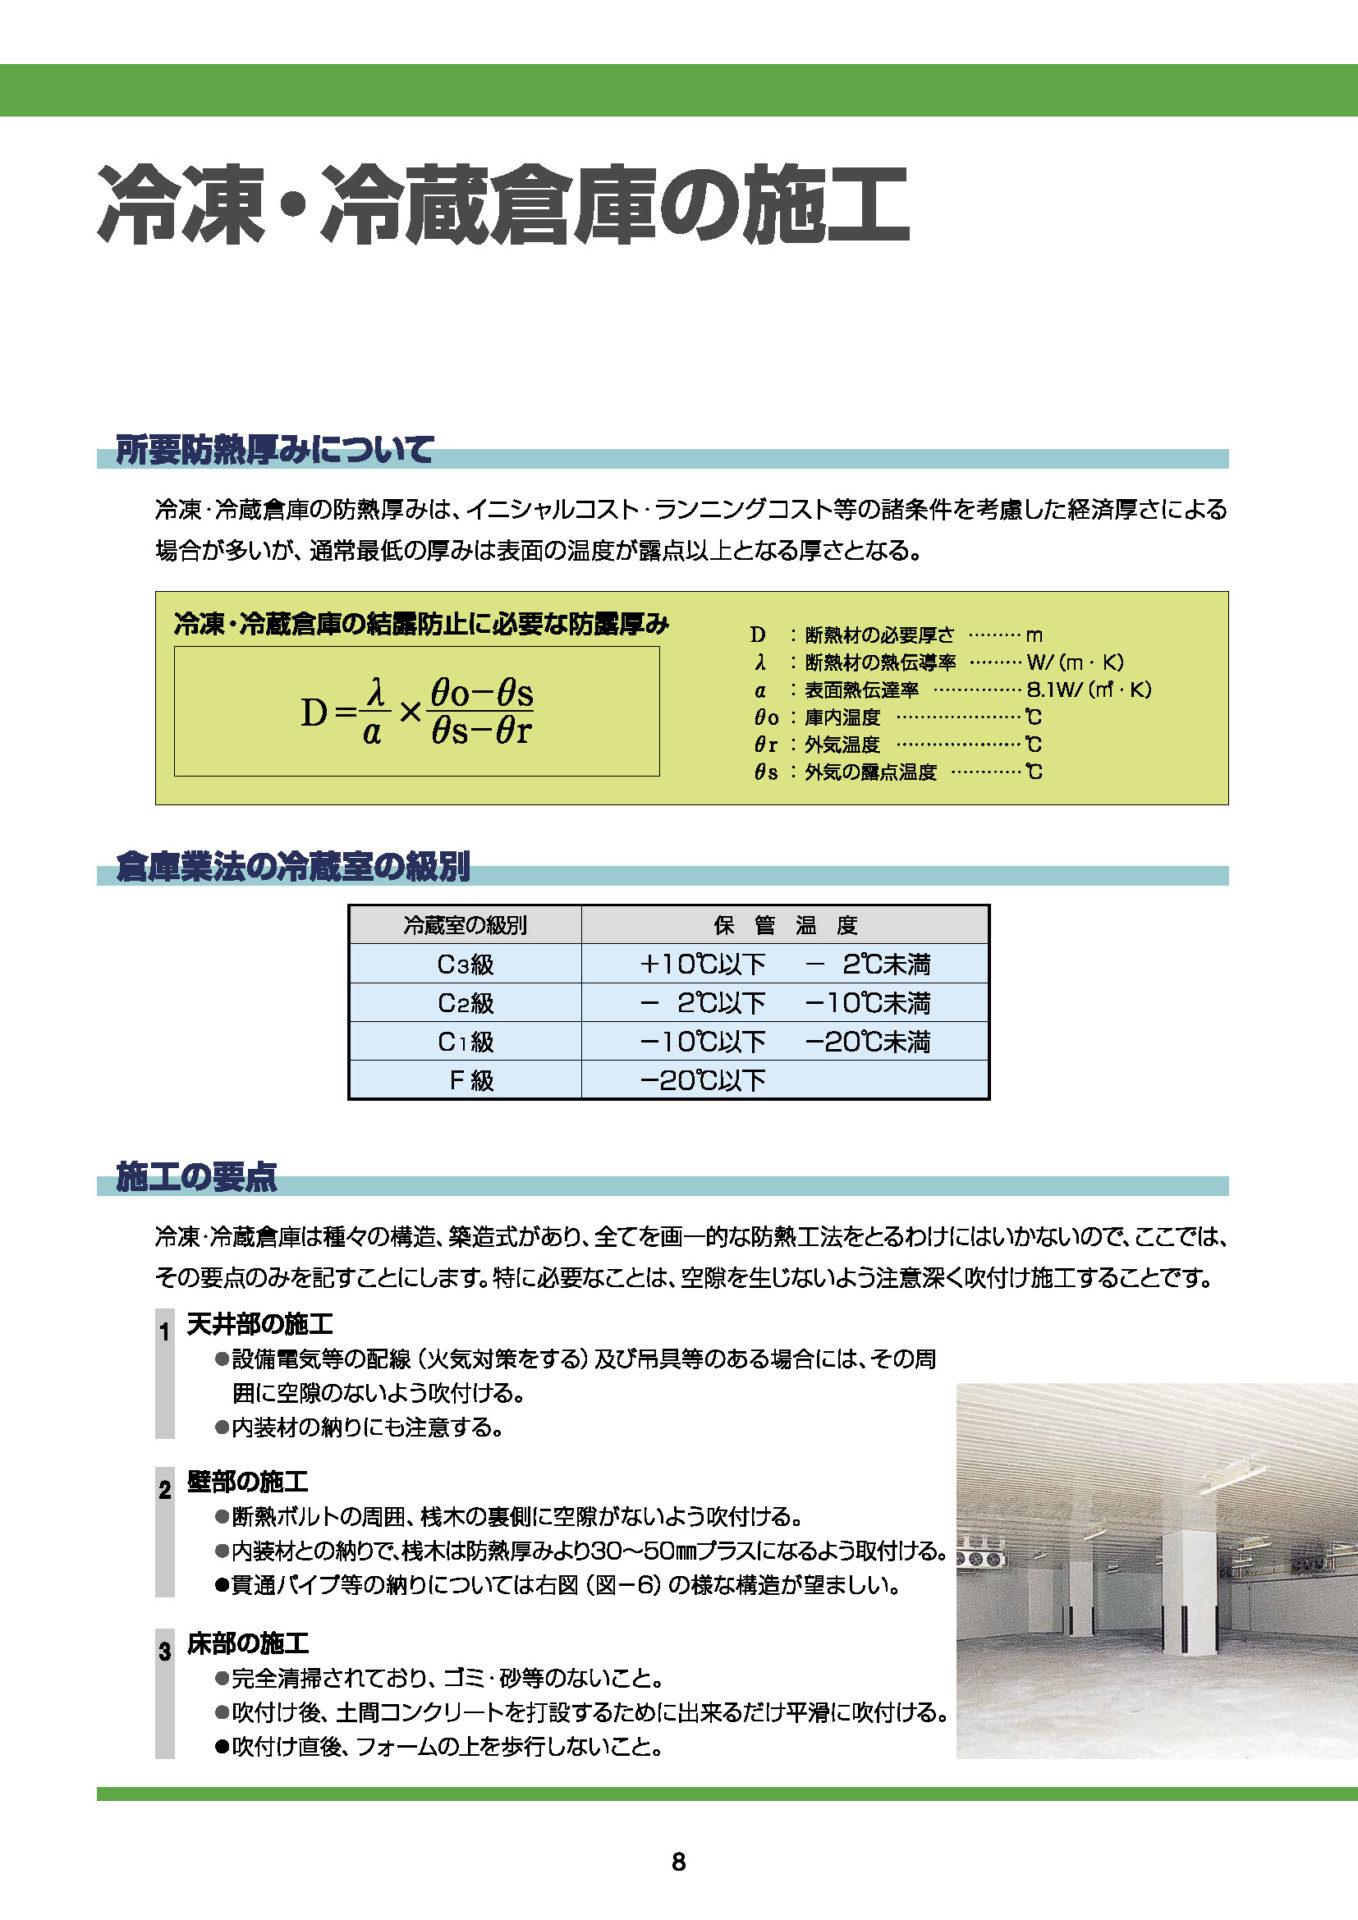 「パフテムスプレー」フロンタイプ専用カタログP10